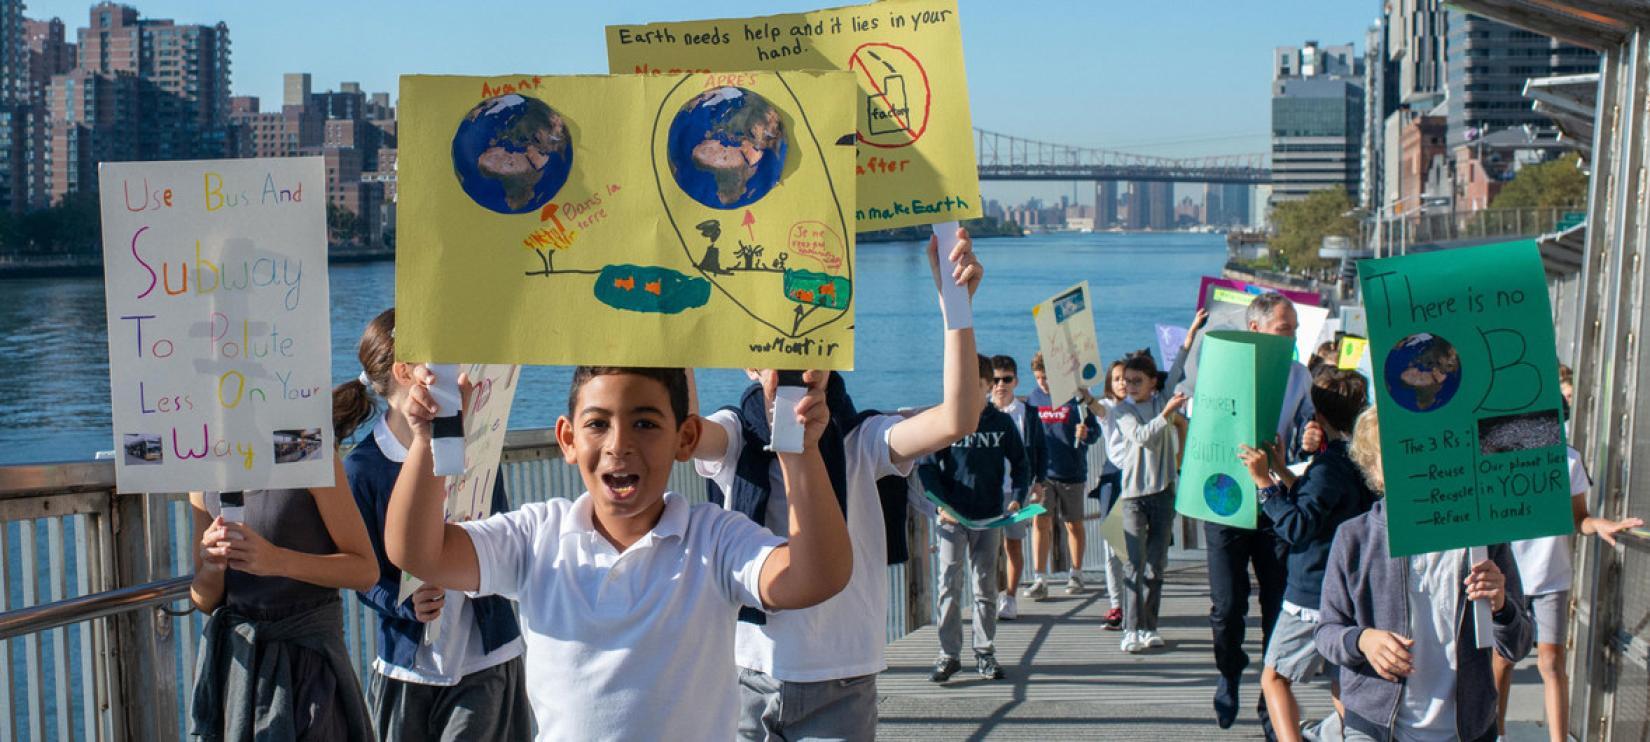 Estudantes da Escola Francesa de Nova York protestam contra a mudança climática no bairro Upper East Side.